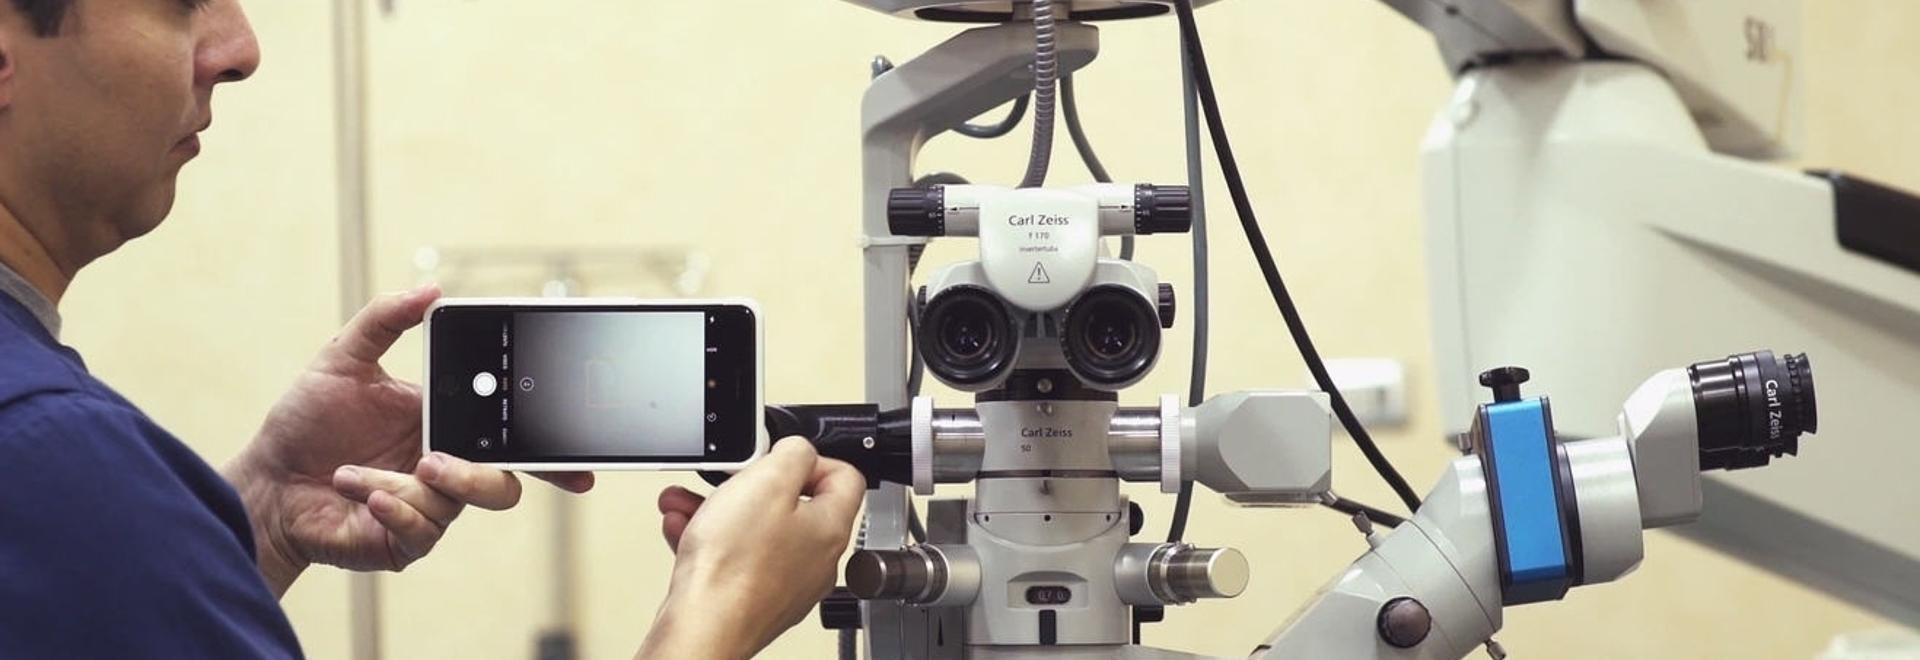 MicroREC ist in der Lage, jedes Smartphone an die meisten auf dem Markt befindlichen Mikroskope anzuschließen und mikroskopische Operationen zu filmen.